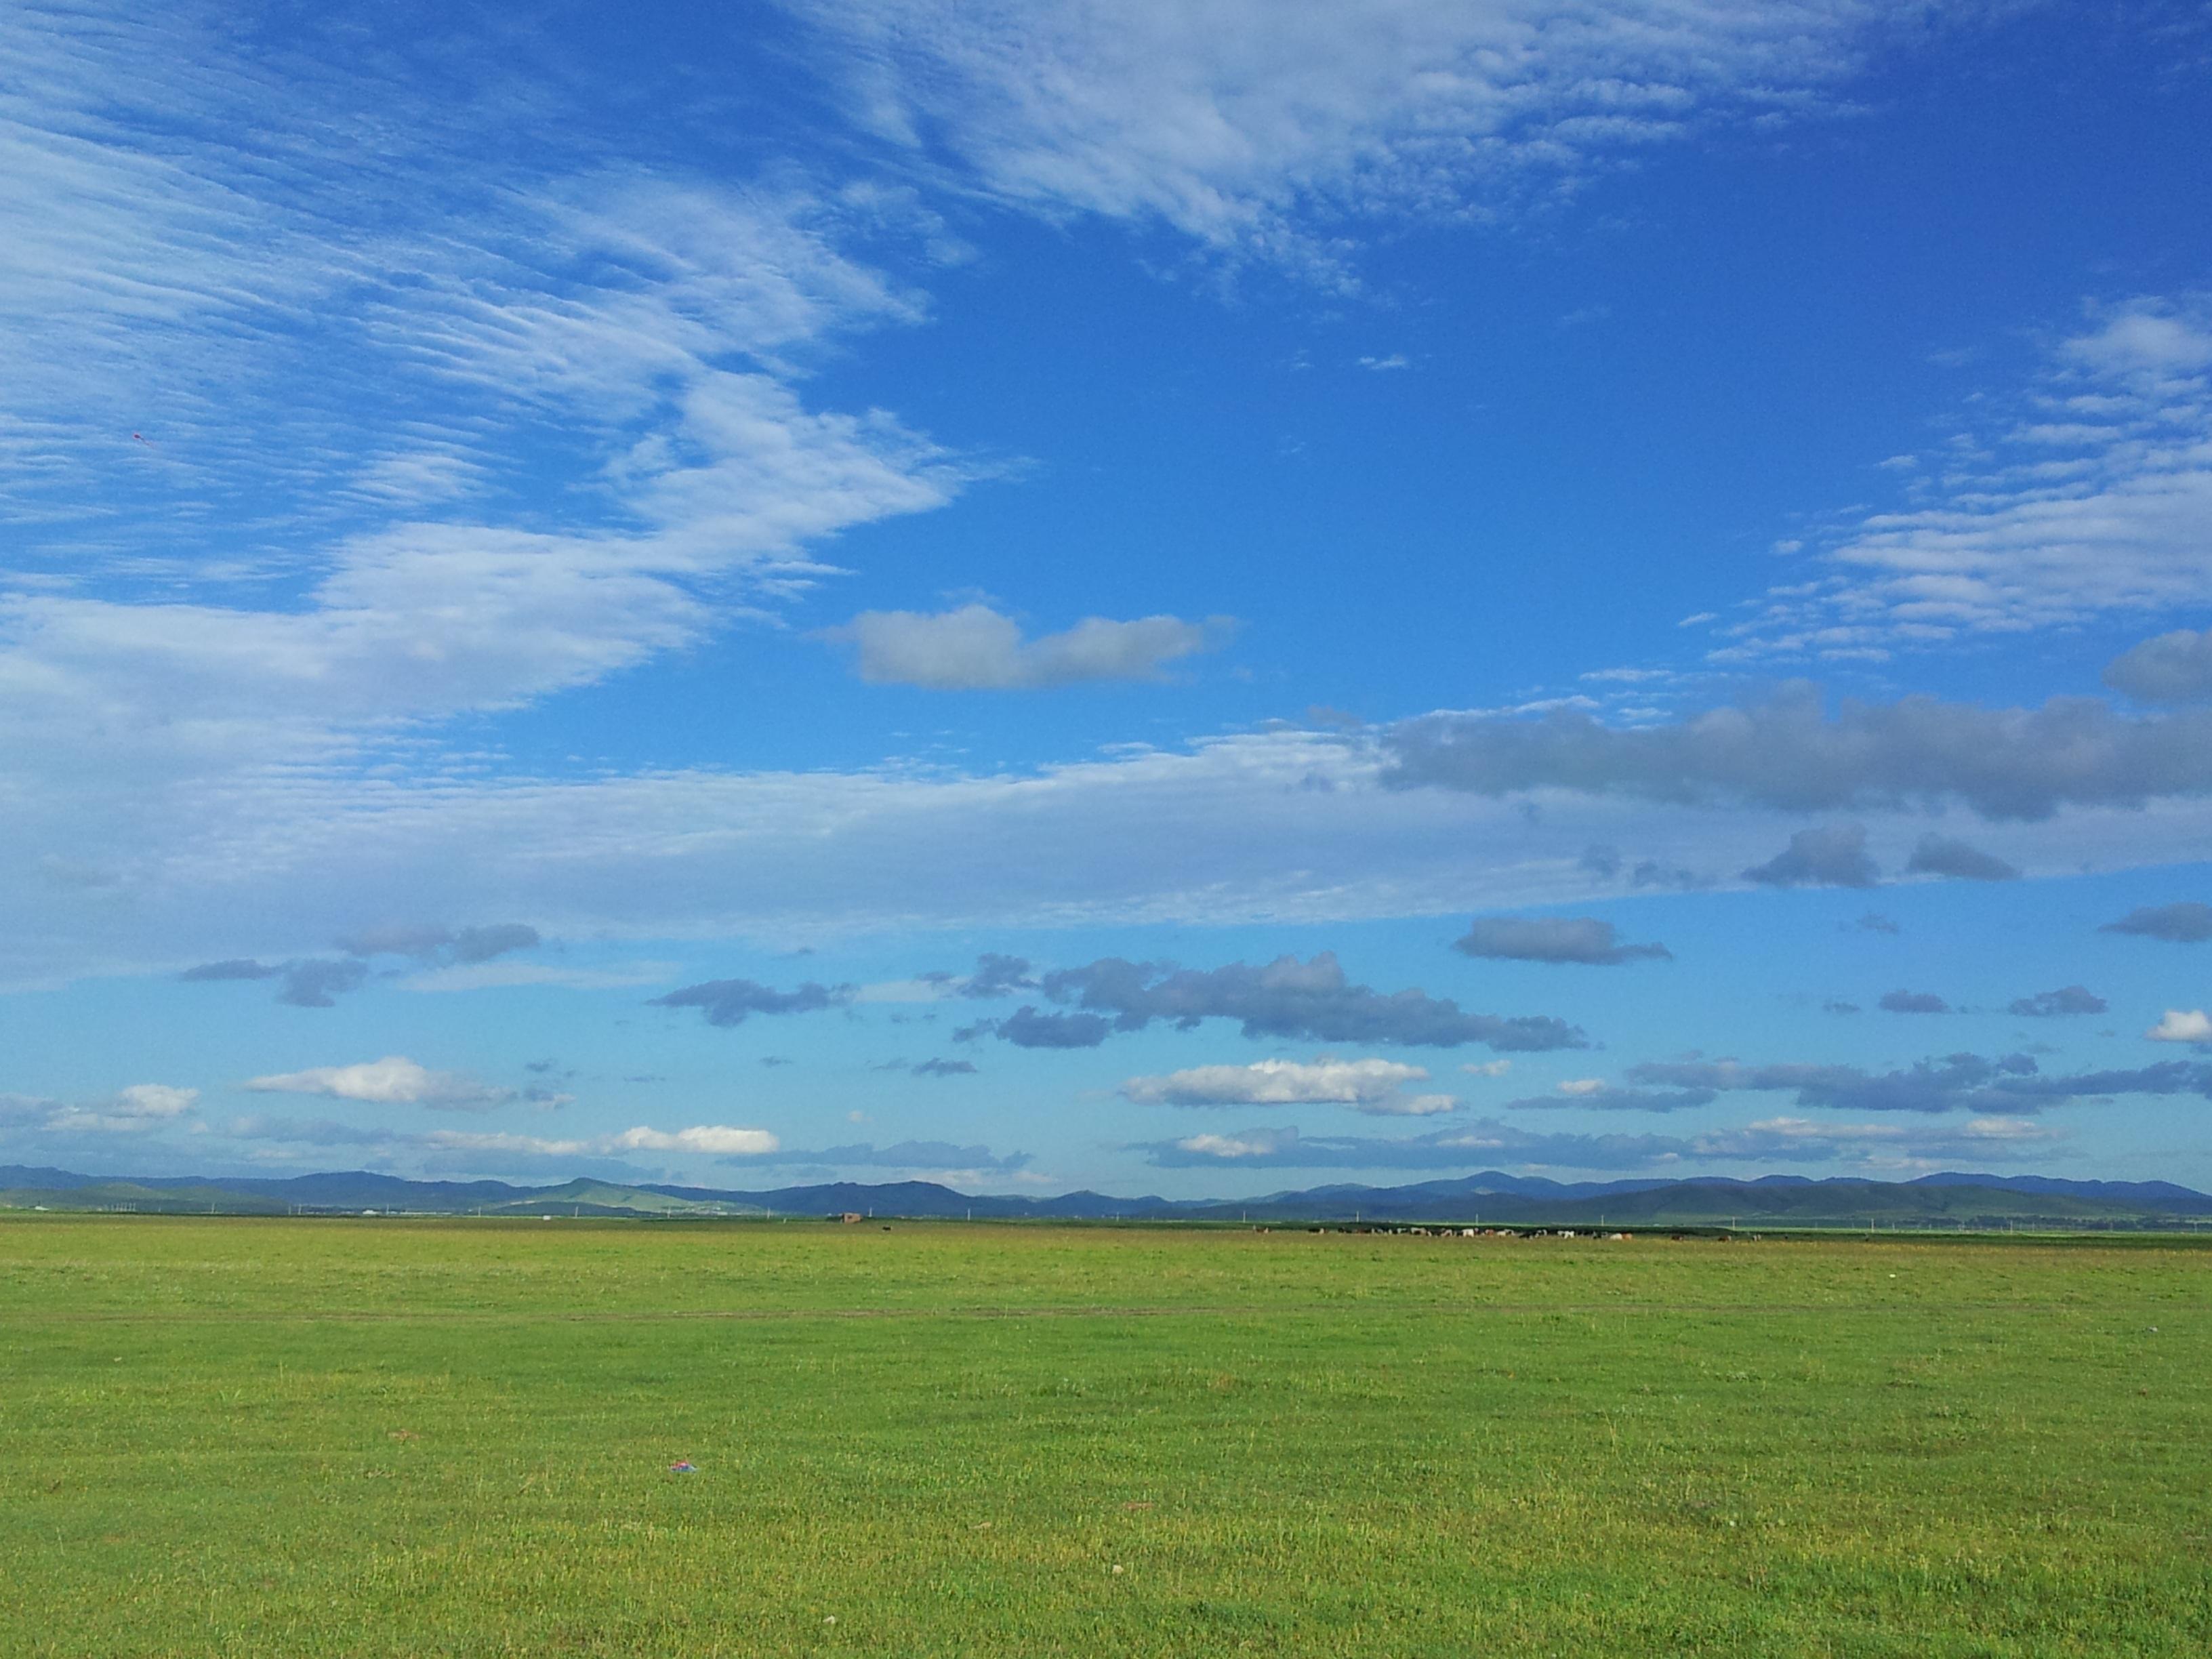 чистое небо и луг картинки мансарде